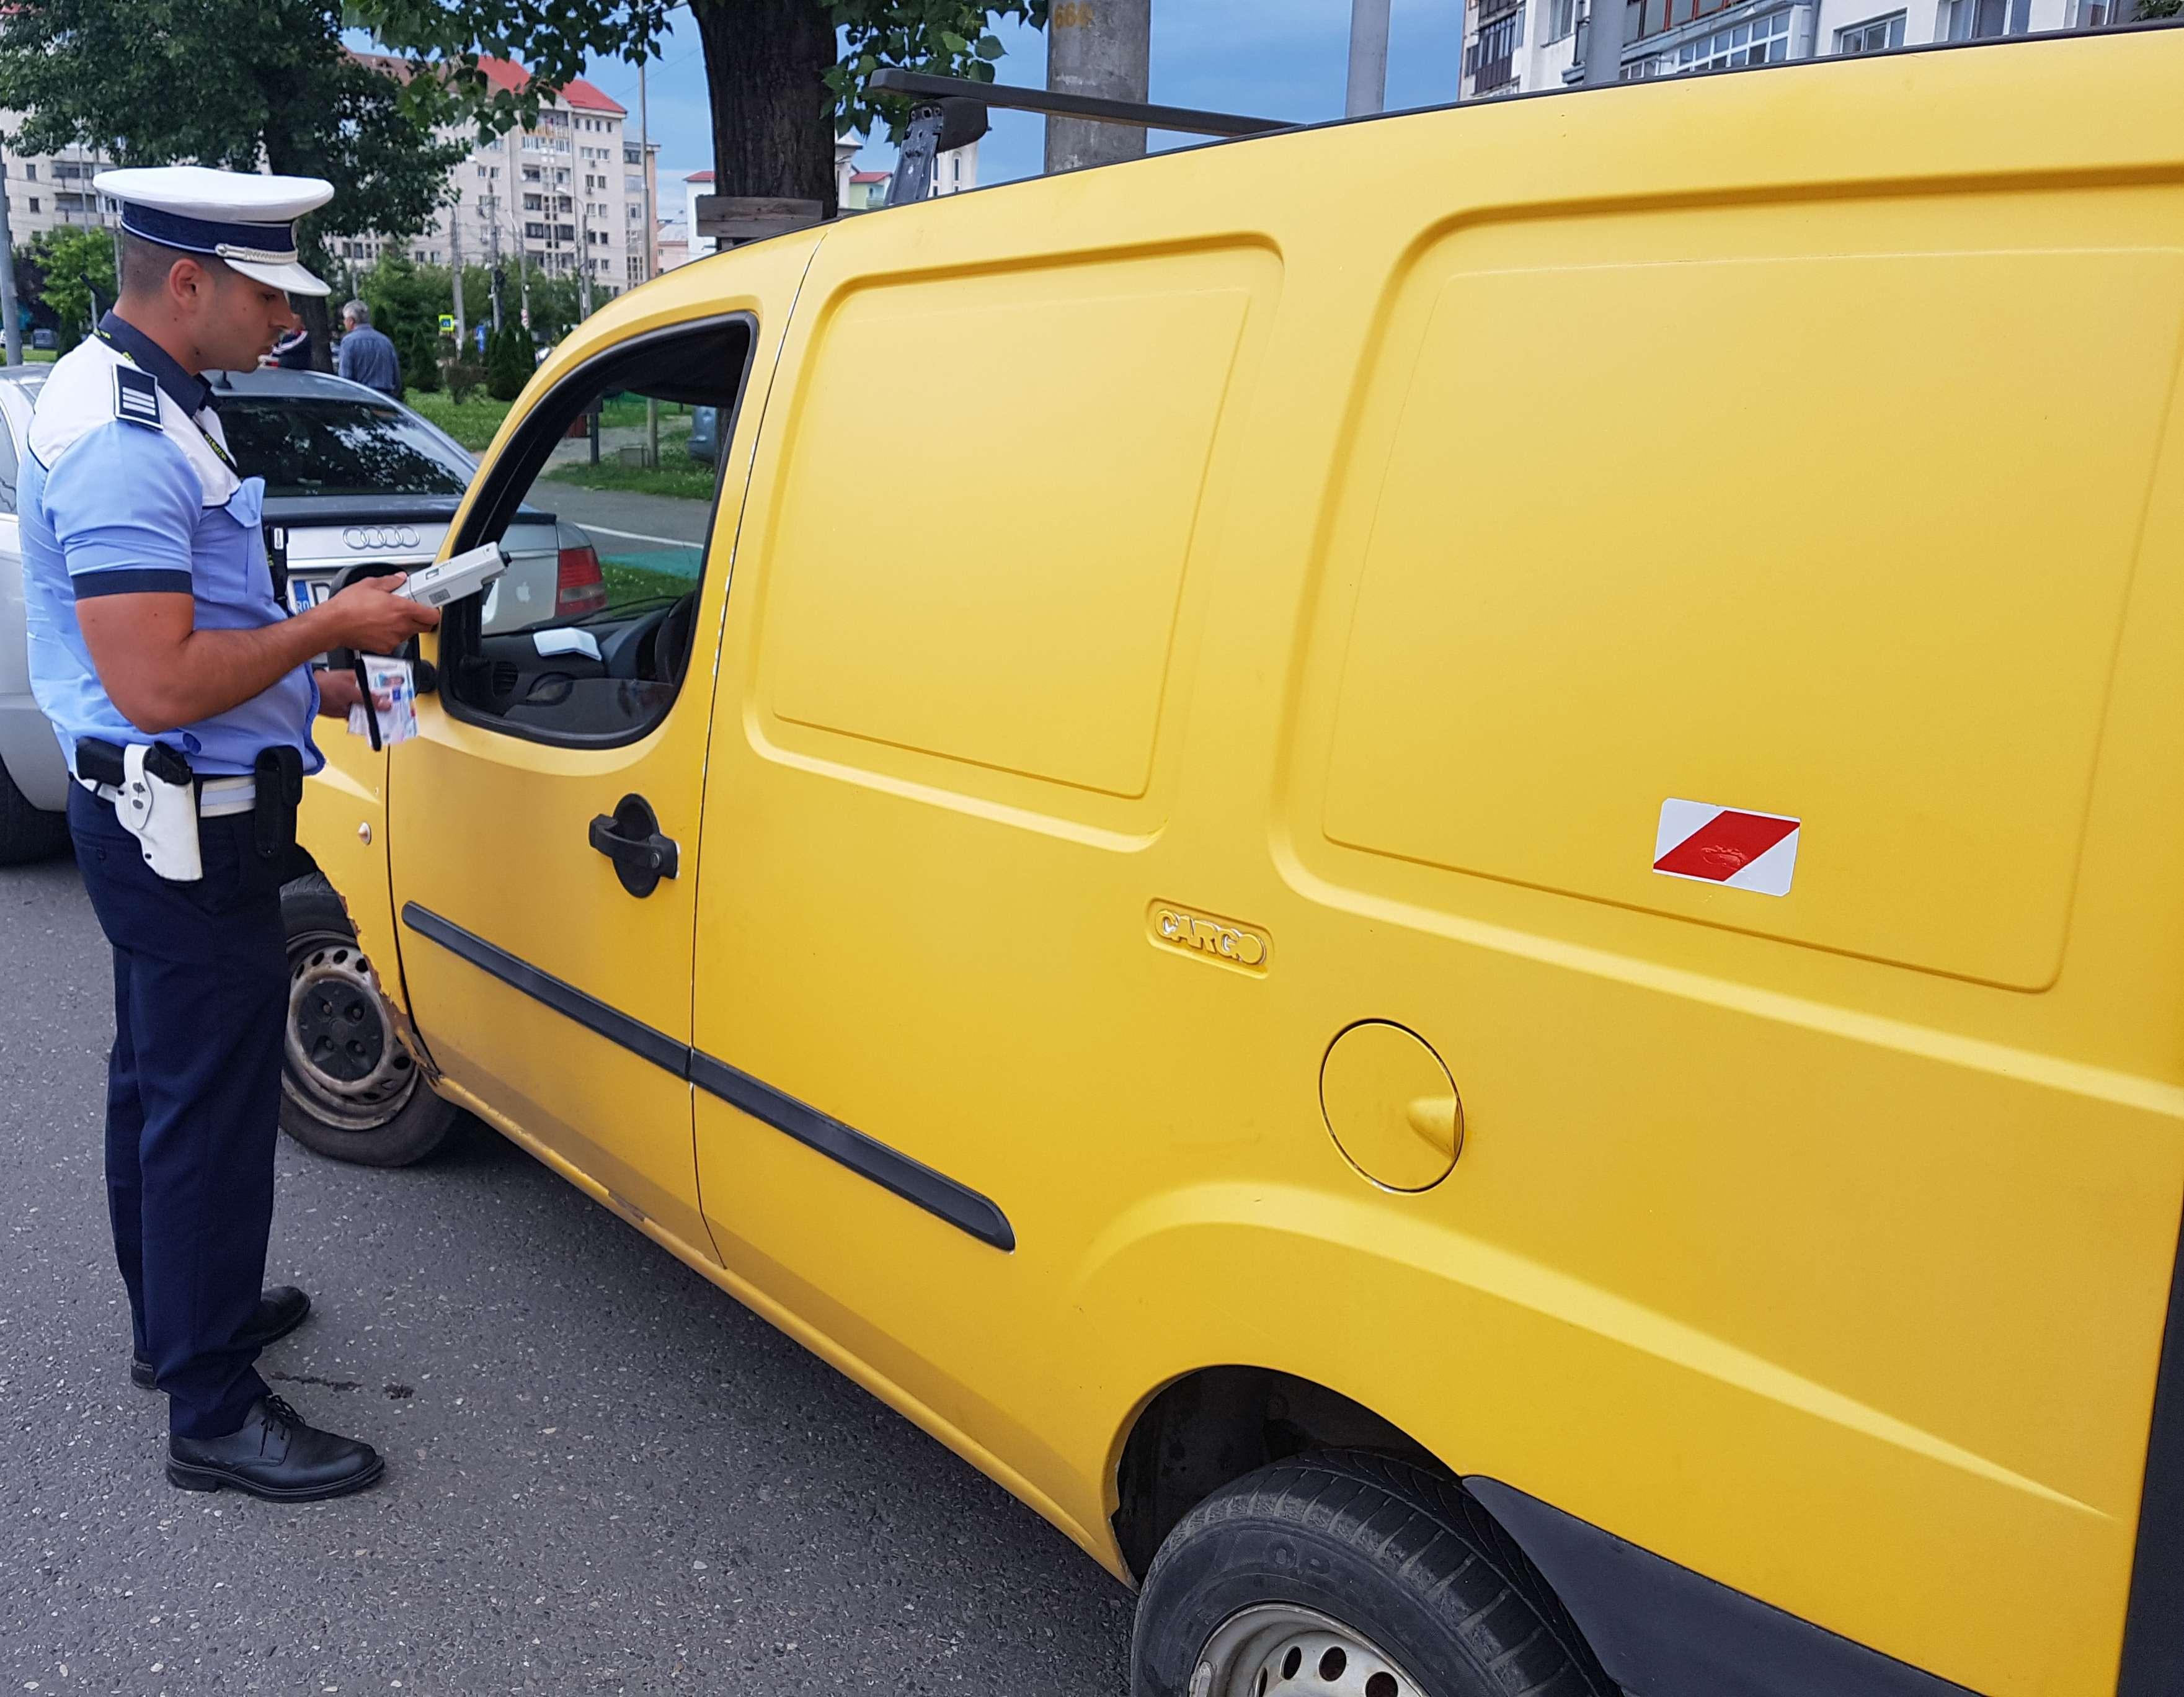 În doar câteva ore de activitate în cadrul acțiunii Alchool&Drugs, 12 șoferi au rămas fără permis de conducere după ce au fost surprinși băuți la volan